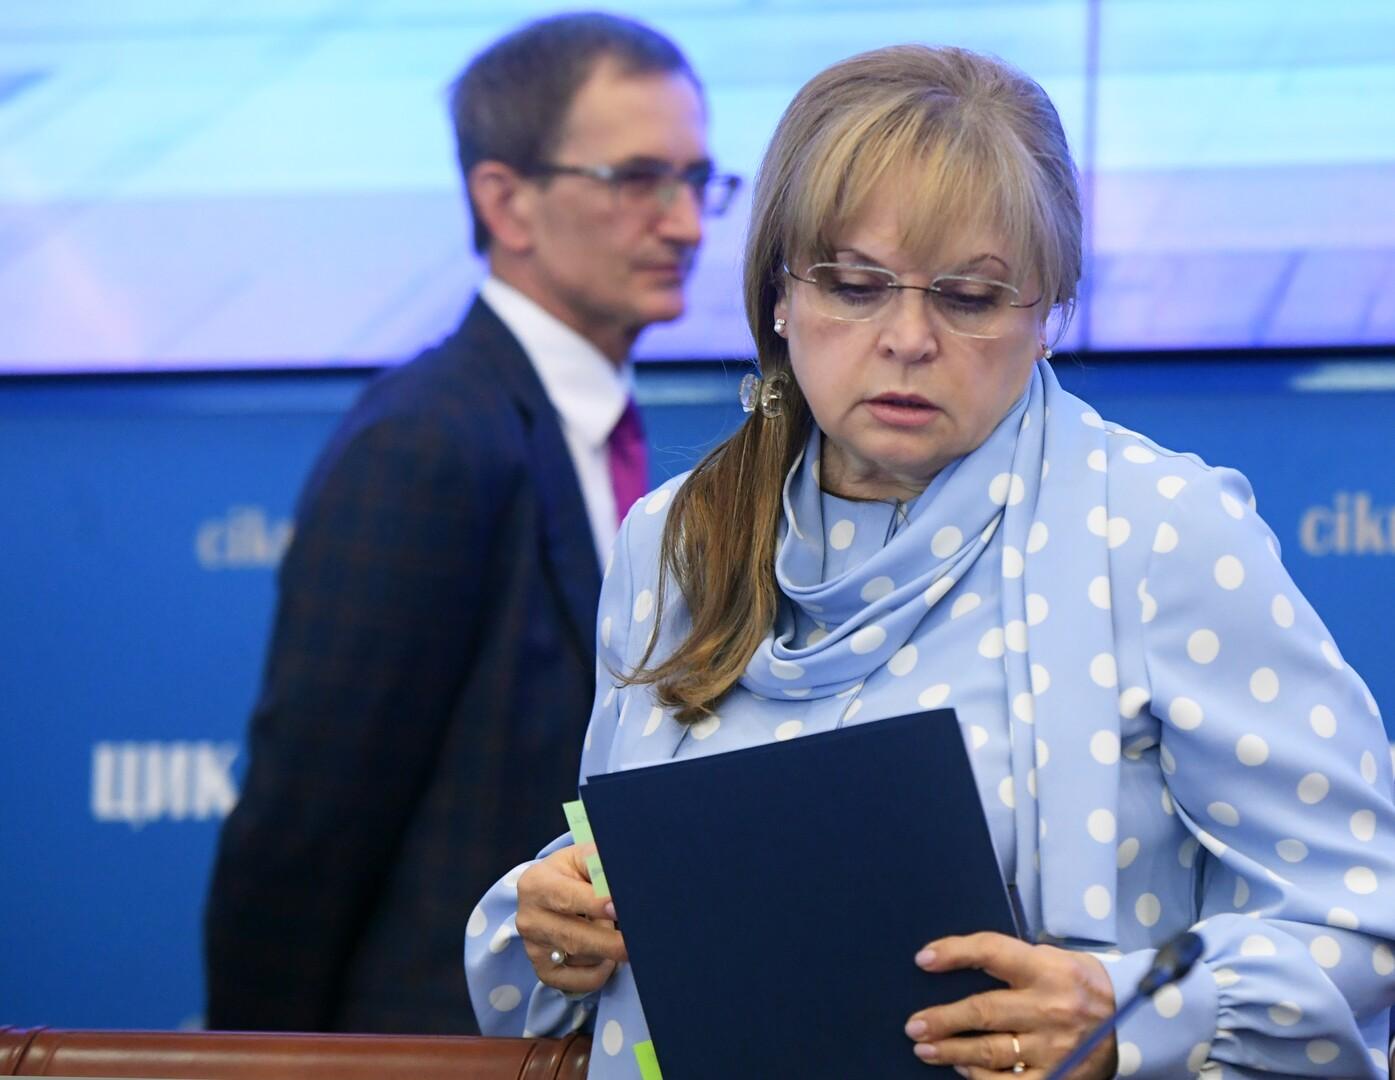 نسبة المشاركة النهائية في الانتخابات المحلية الروسية تبلغ 41.2%